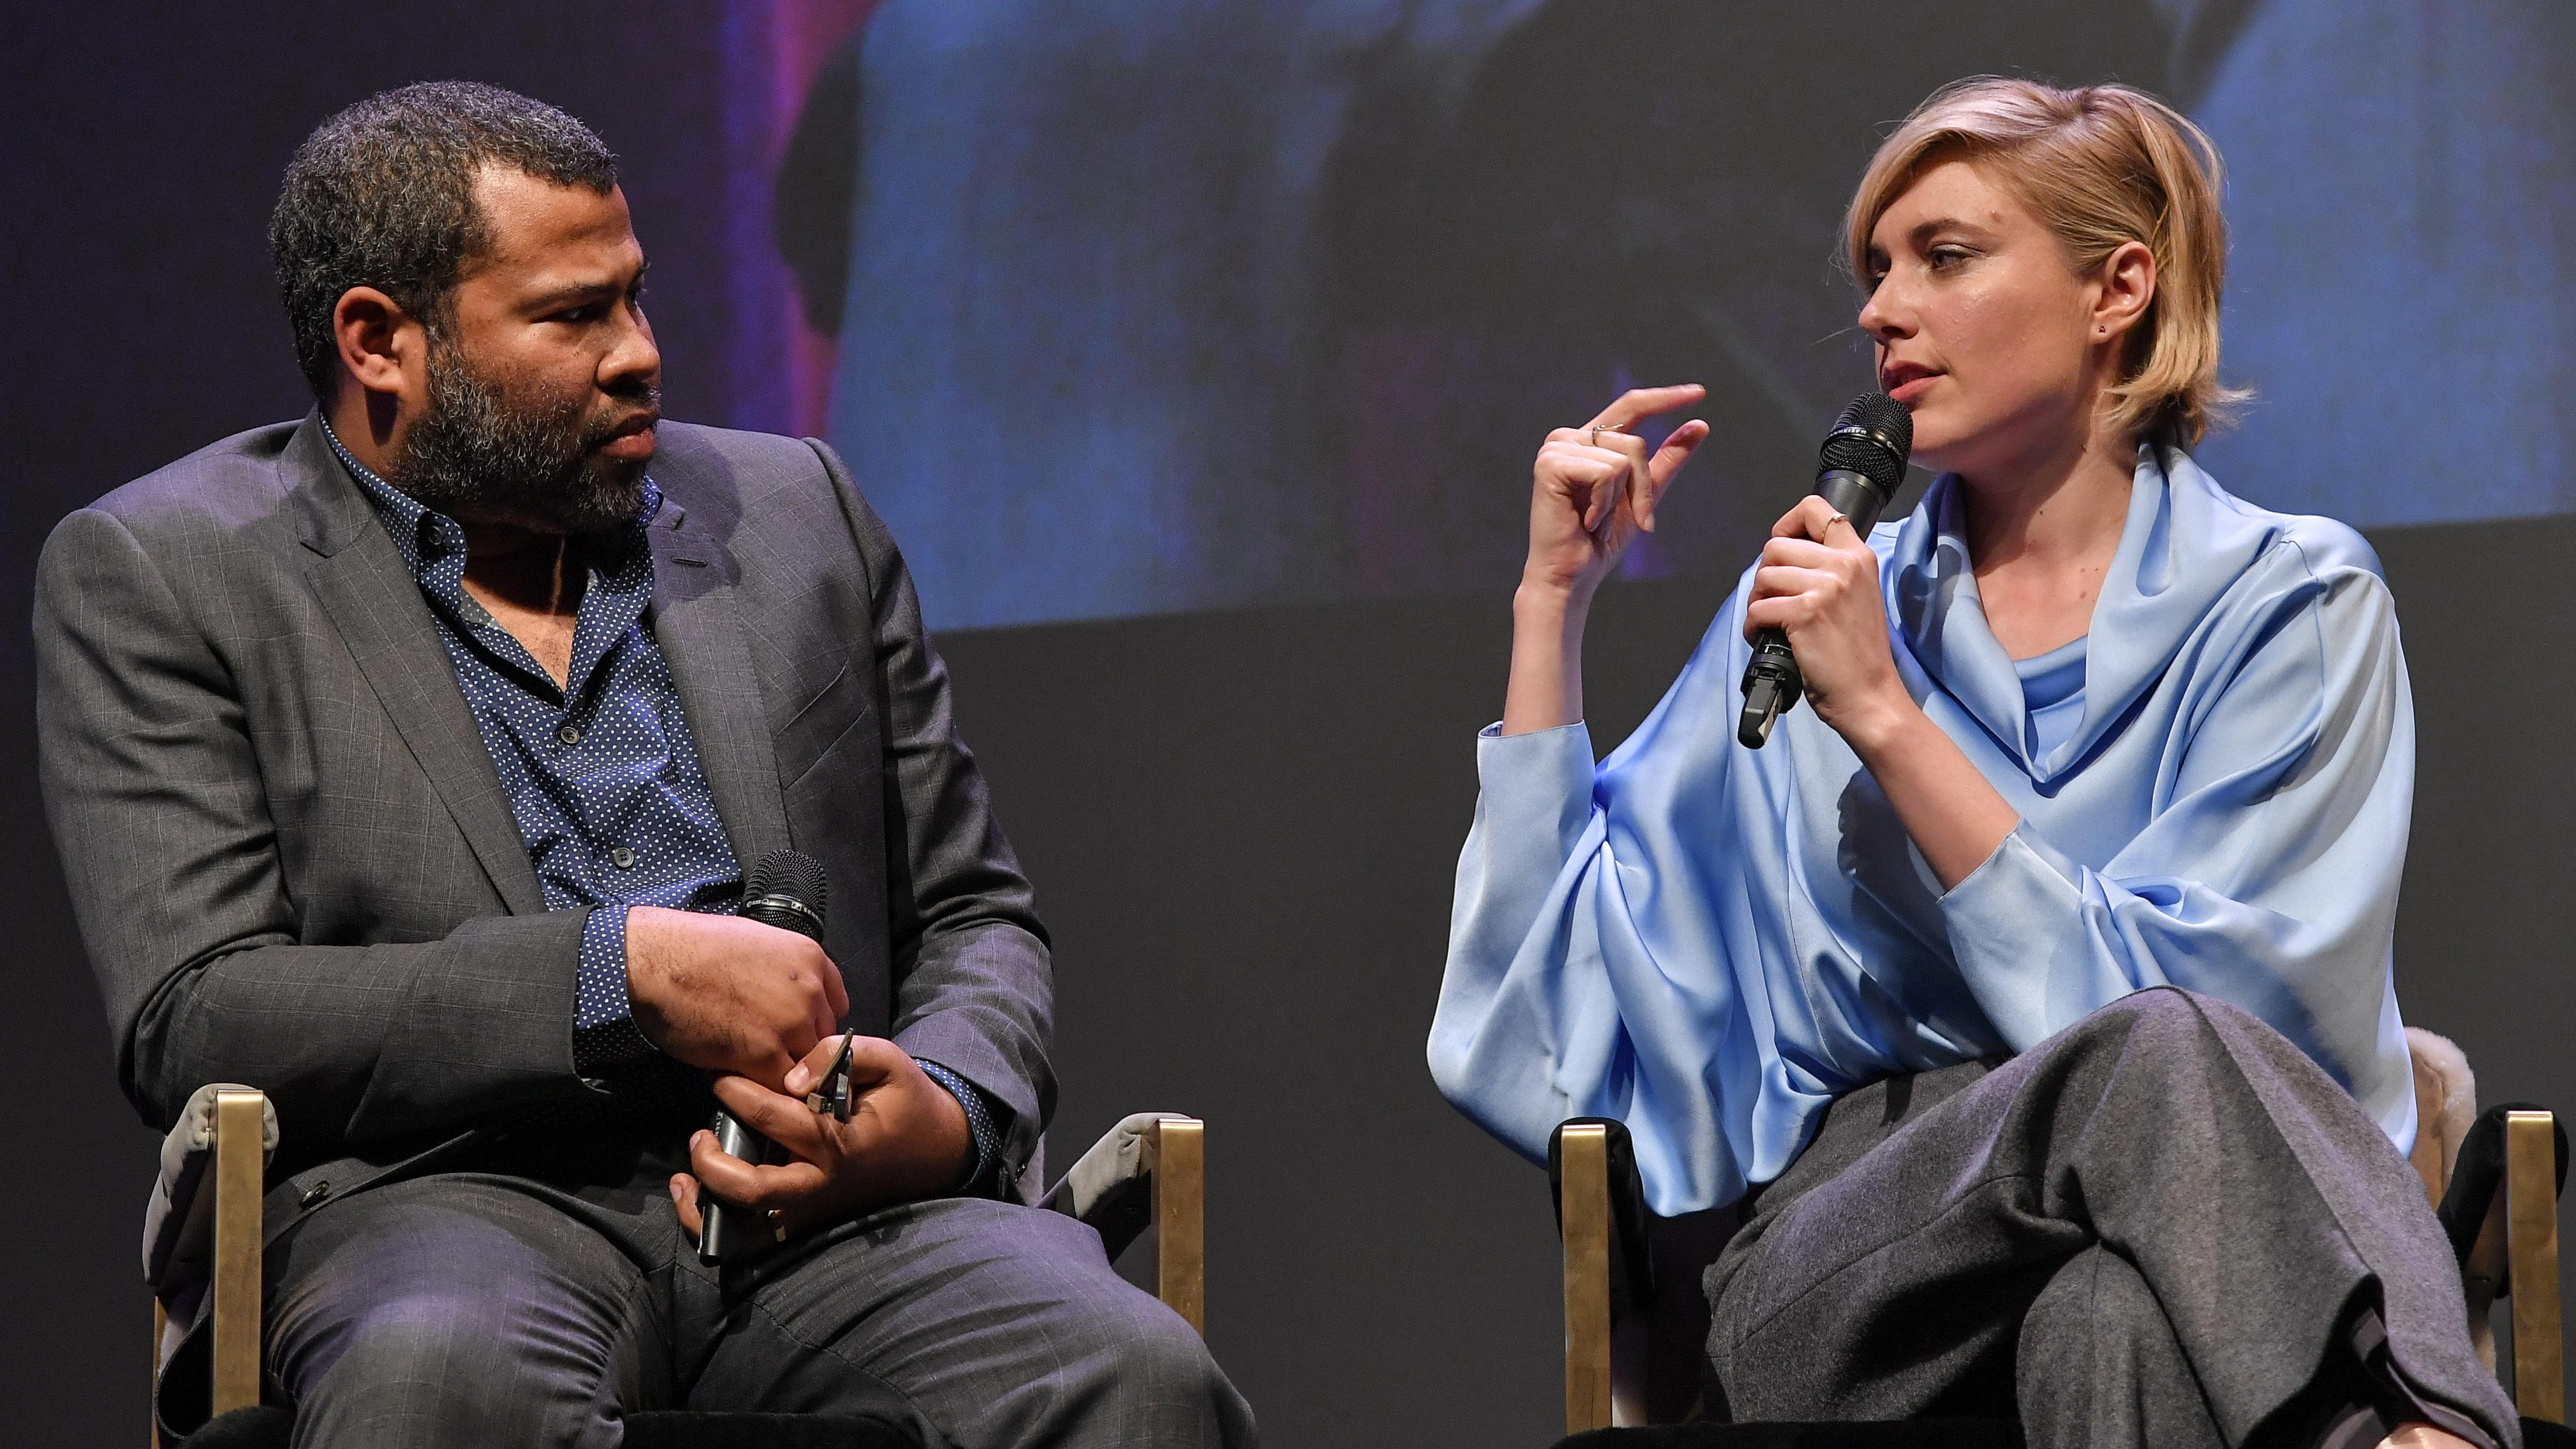 Jordan Peele and Greta GerwigOutstanding Directors of the Year Award, Show, 33rd Santa Barbara International Film Festival, USA - 06 Feb 2018